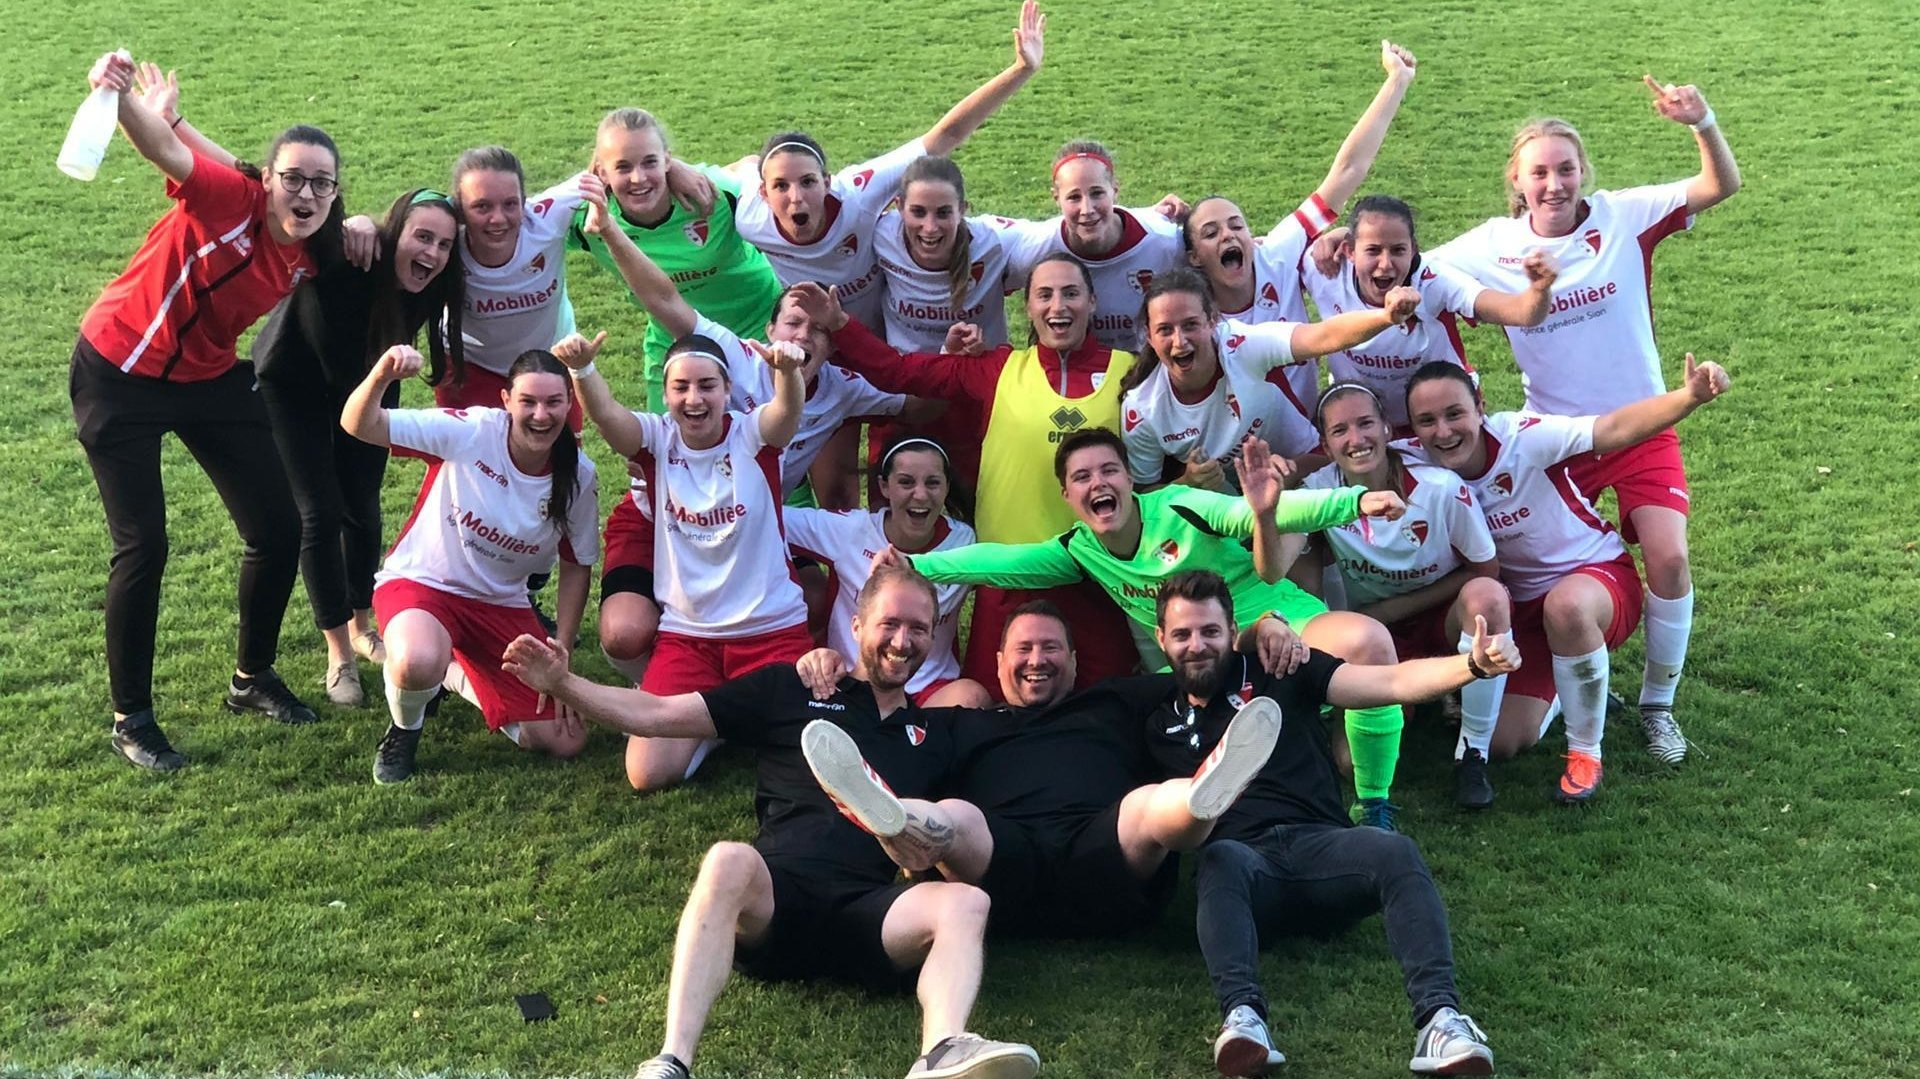 En terminant sur le podium de 1ère ligue, le FC Sion féminin fait désormais partie des trois meilleures équipes féminines de Suisse romande